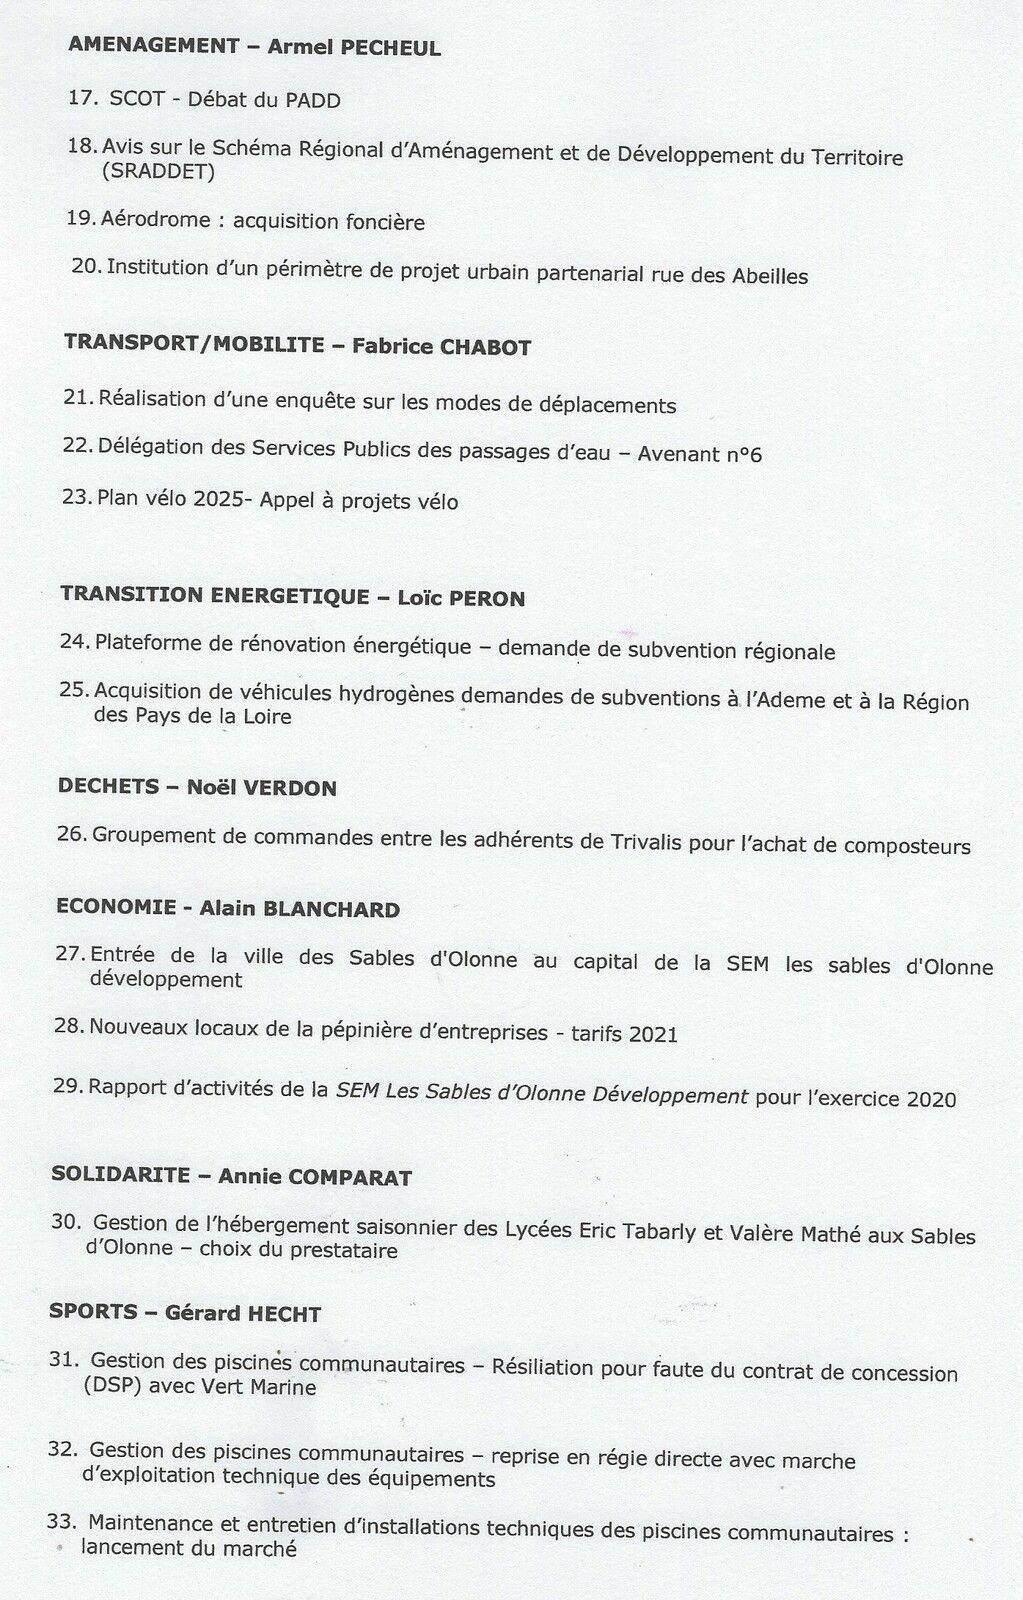 LES SABLES D'OLONNE AGGLOMÉRATION : CONSEIL COMMUNAUTAIRE DU JEUDI 1er AVRIL 2021